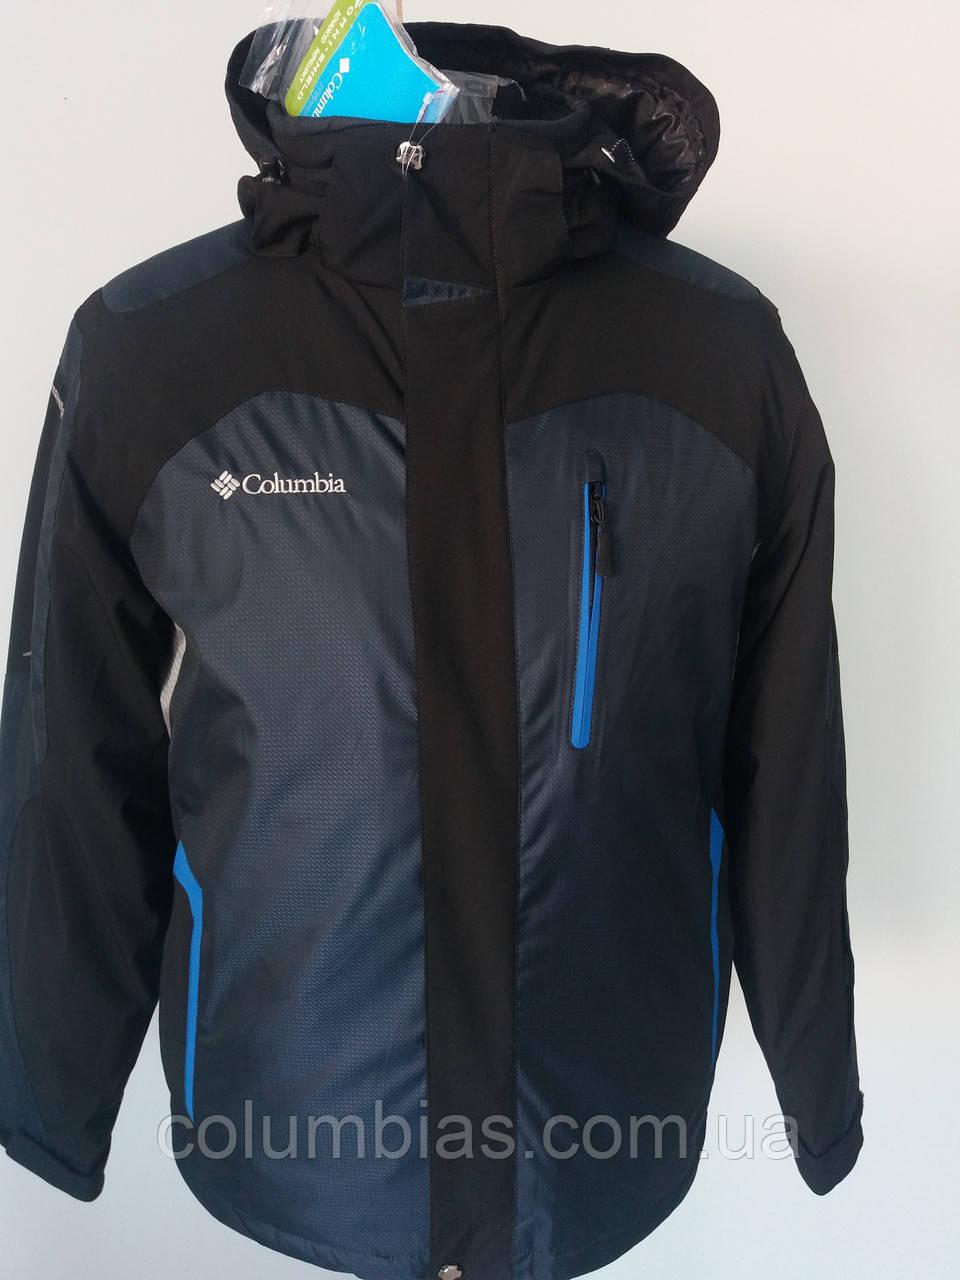 32f5957500c3 Лыжные костюмы Columbua в наличии в Днепре. - ВЕСЬ ТОВАР В НАЛИЧИИ. ЗВОНИТЕ  В